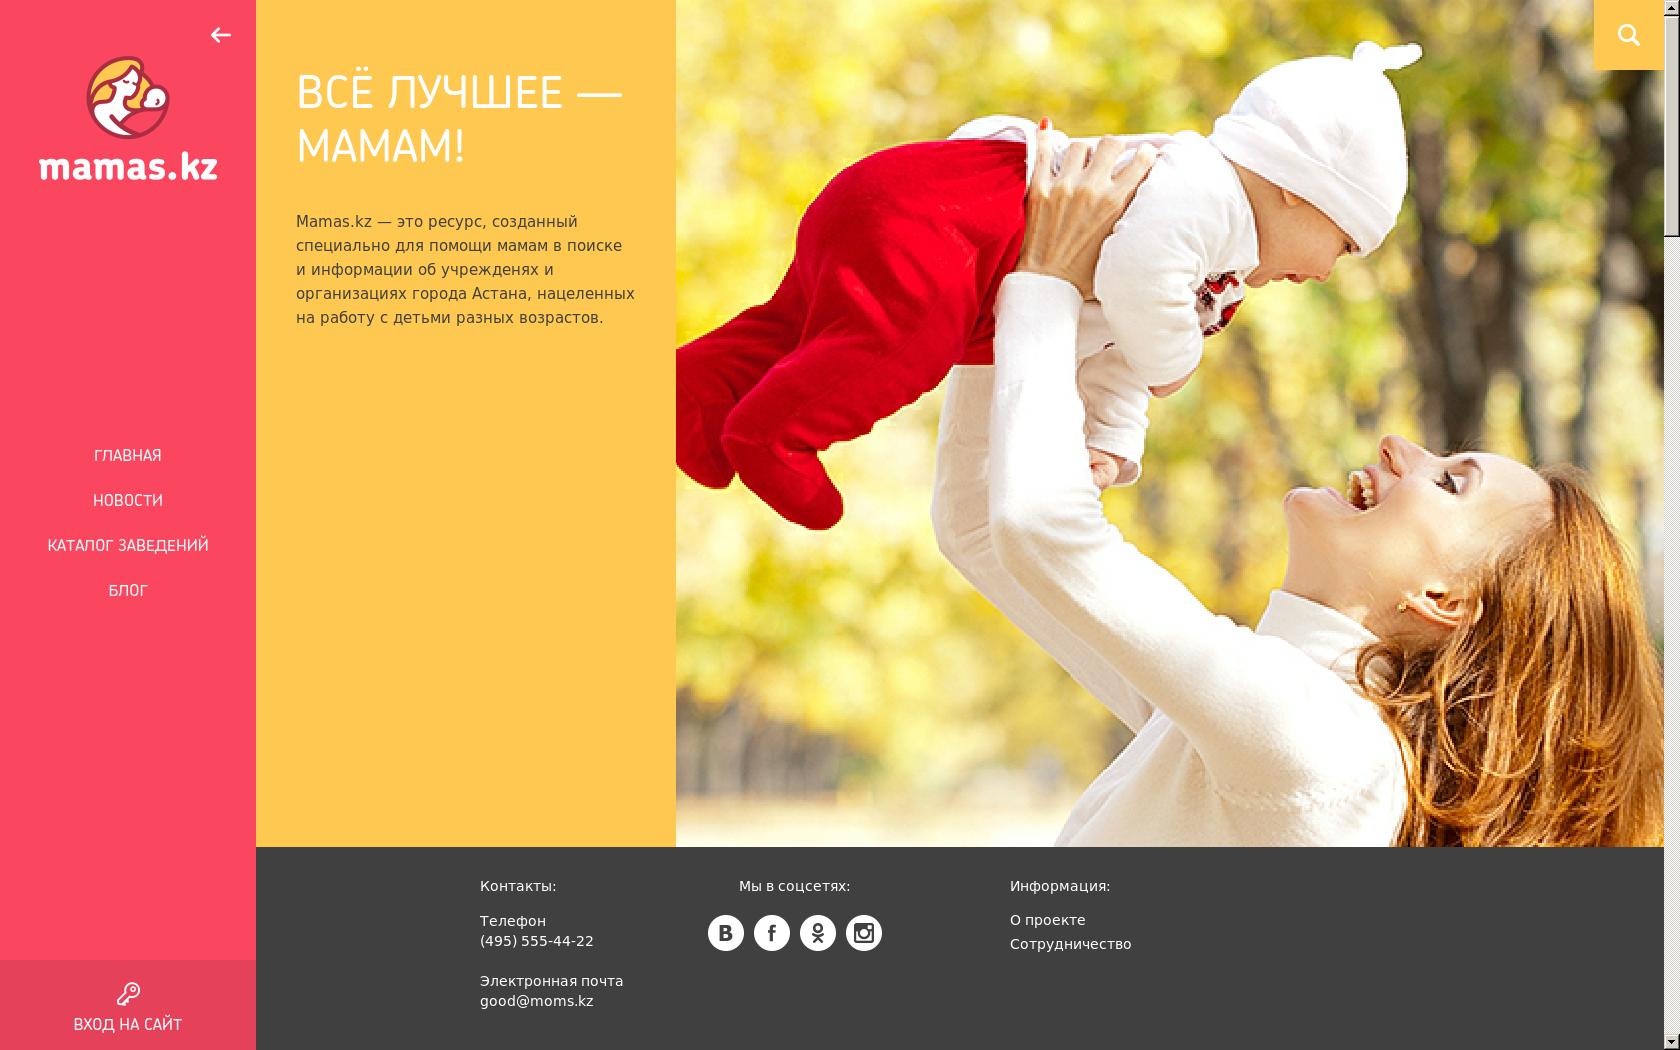 Mamas - верстка ресурса для помощи мамам в поиске и информации об учрежденях и организациях города Астана